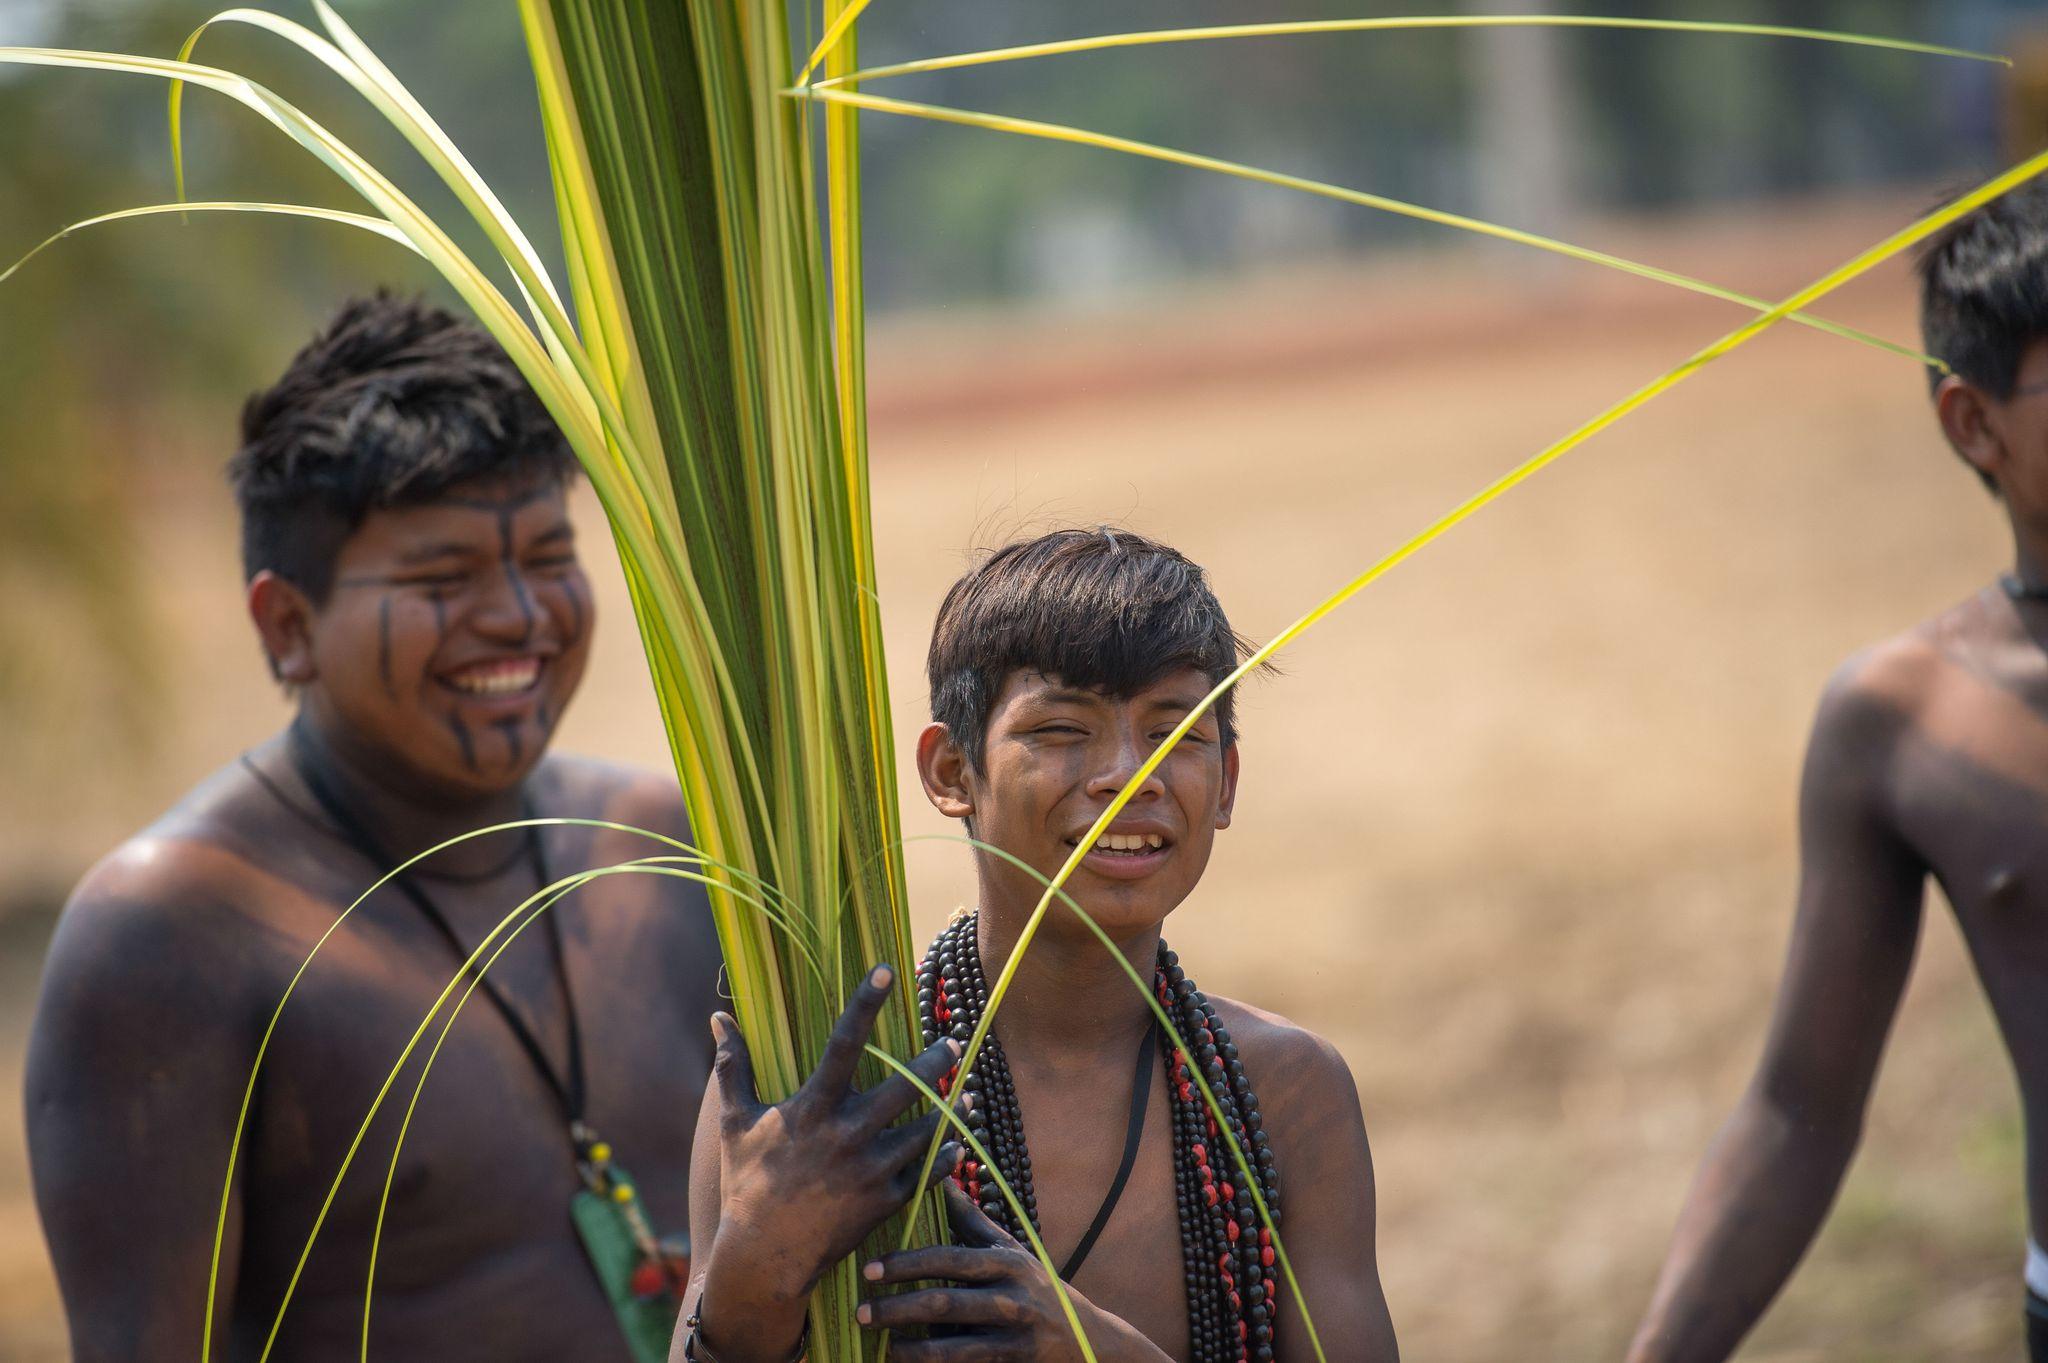 Palmas/TO - Índios da etnia Manoki colhem fibras de buriti para confecção de adereços que serão usados durante os jogos (Marcelo Camargo/Agência Brasil)